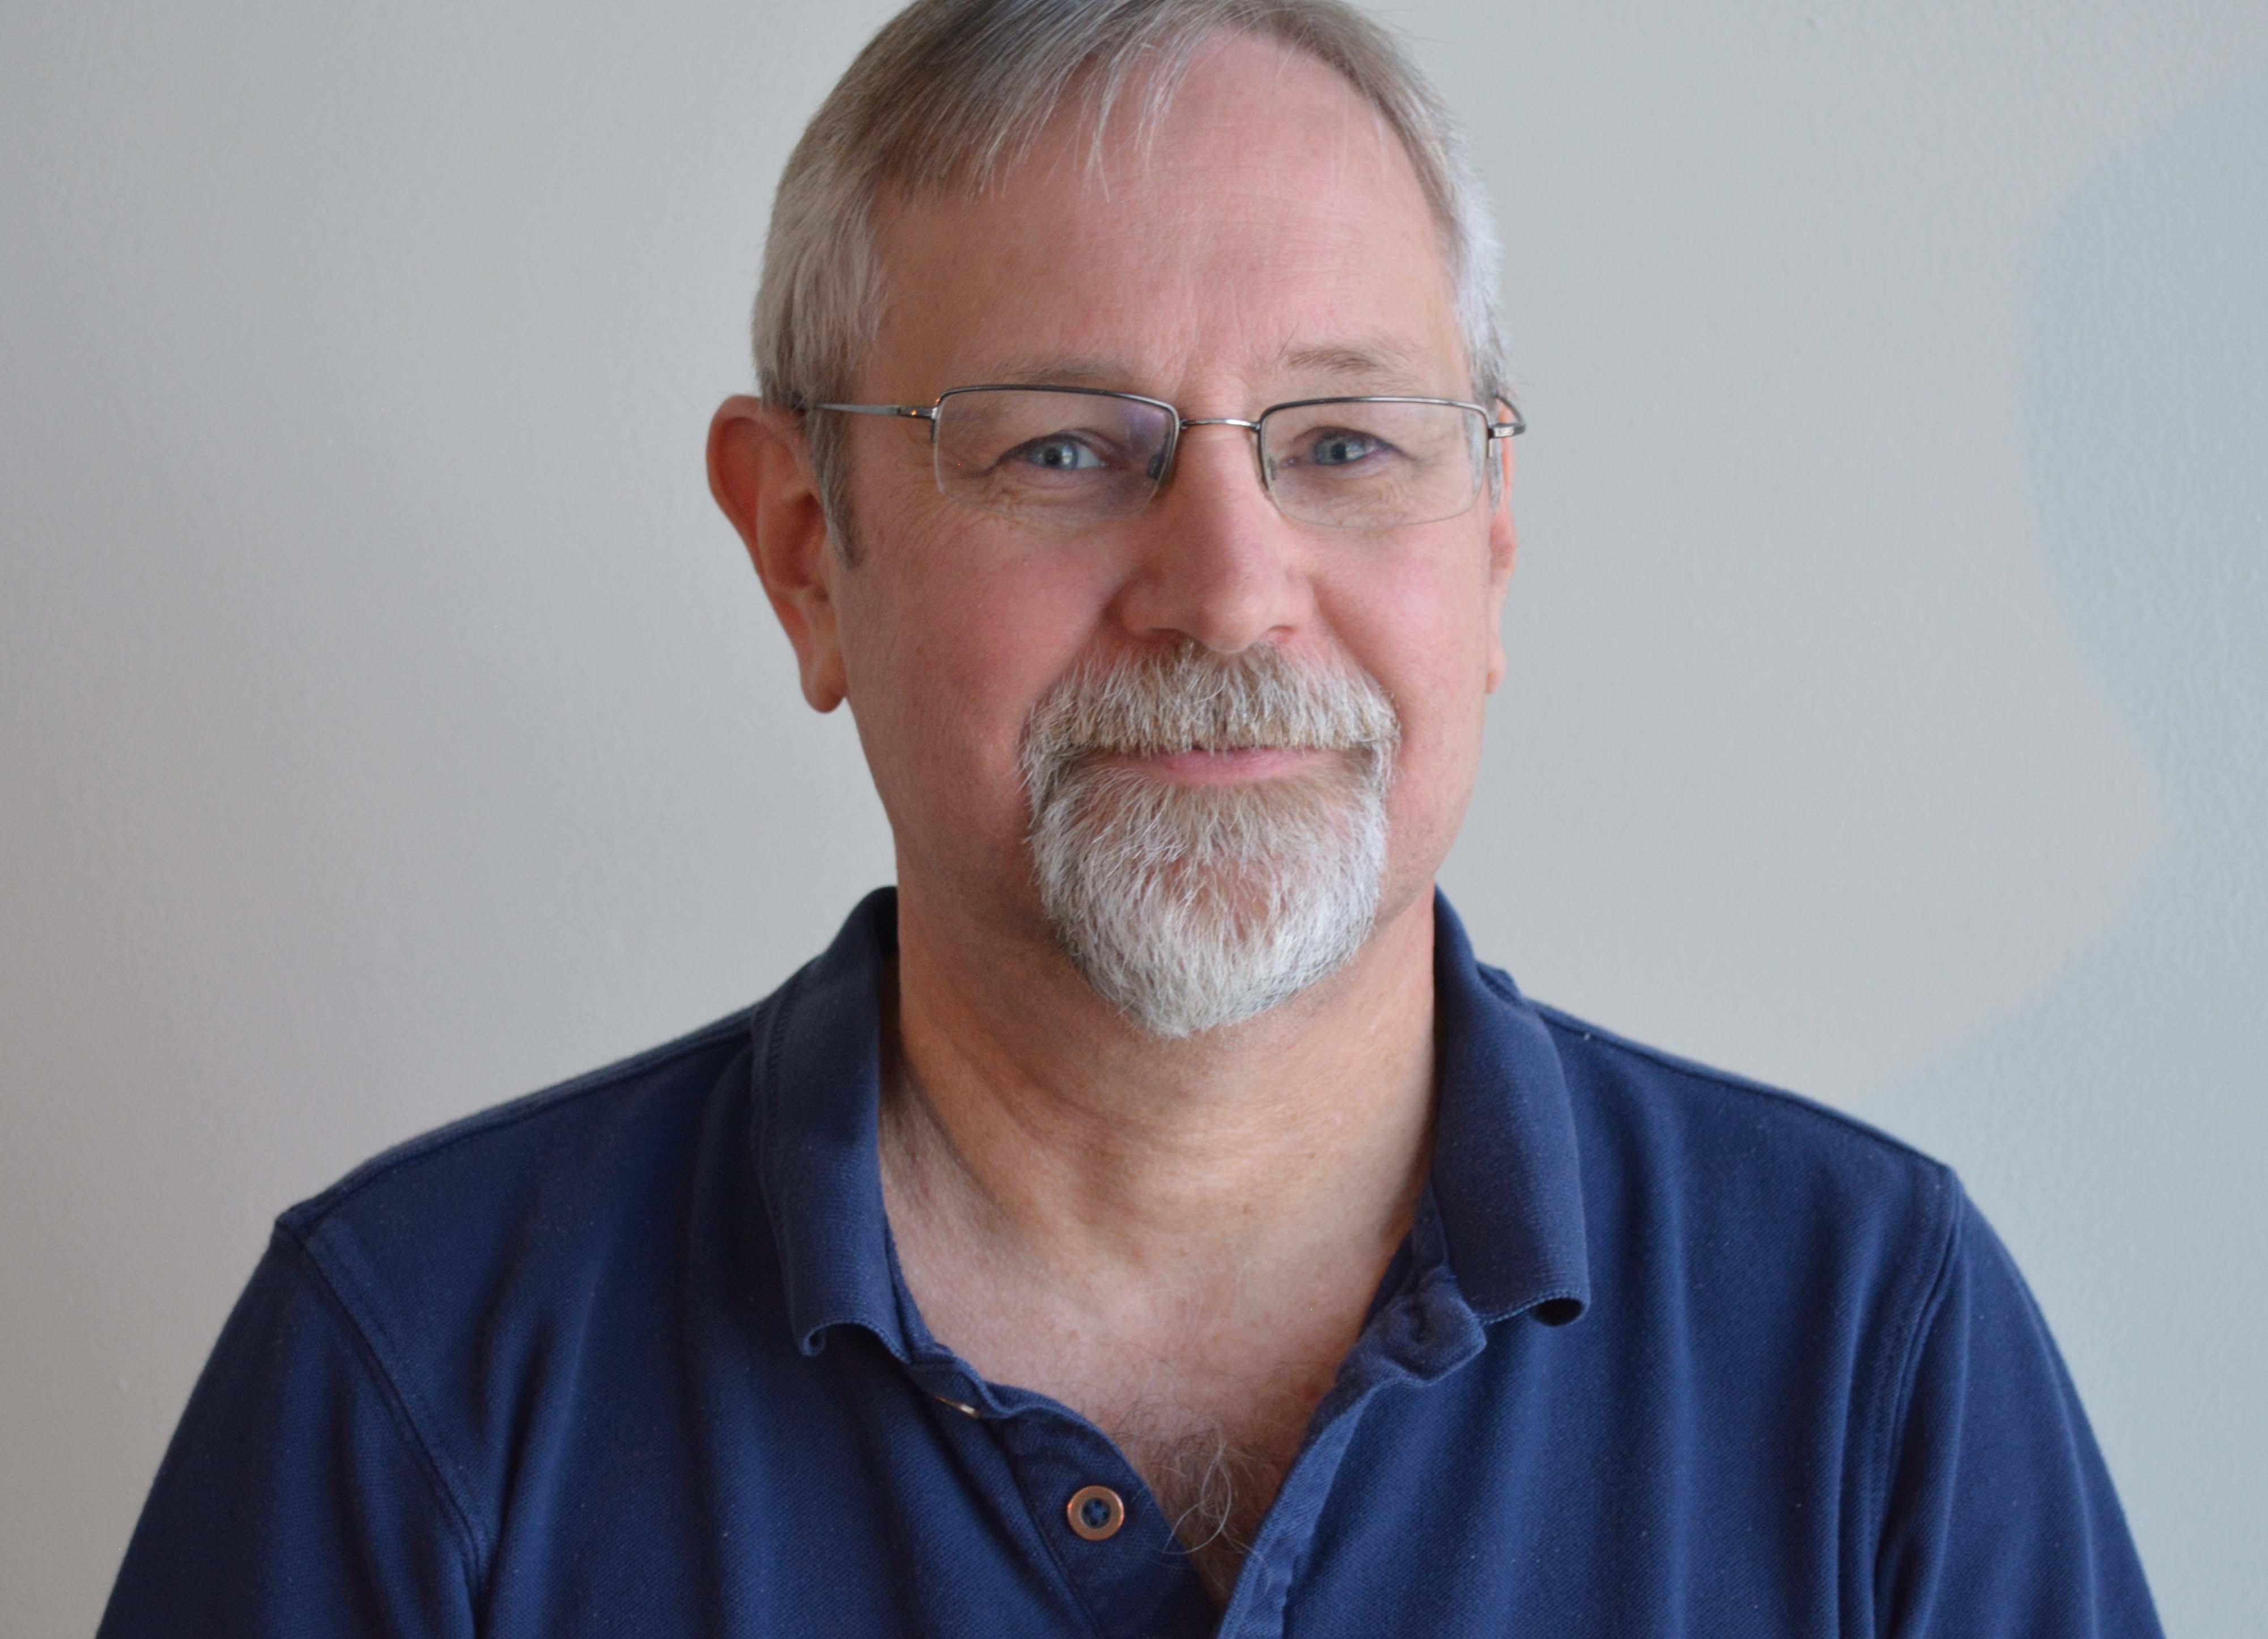 David K. Nielsen